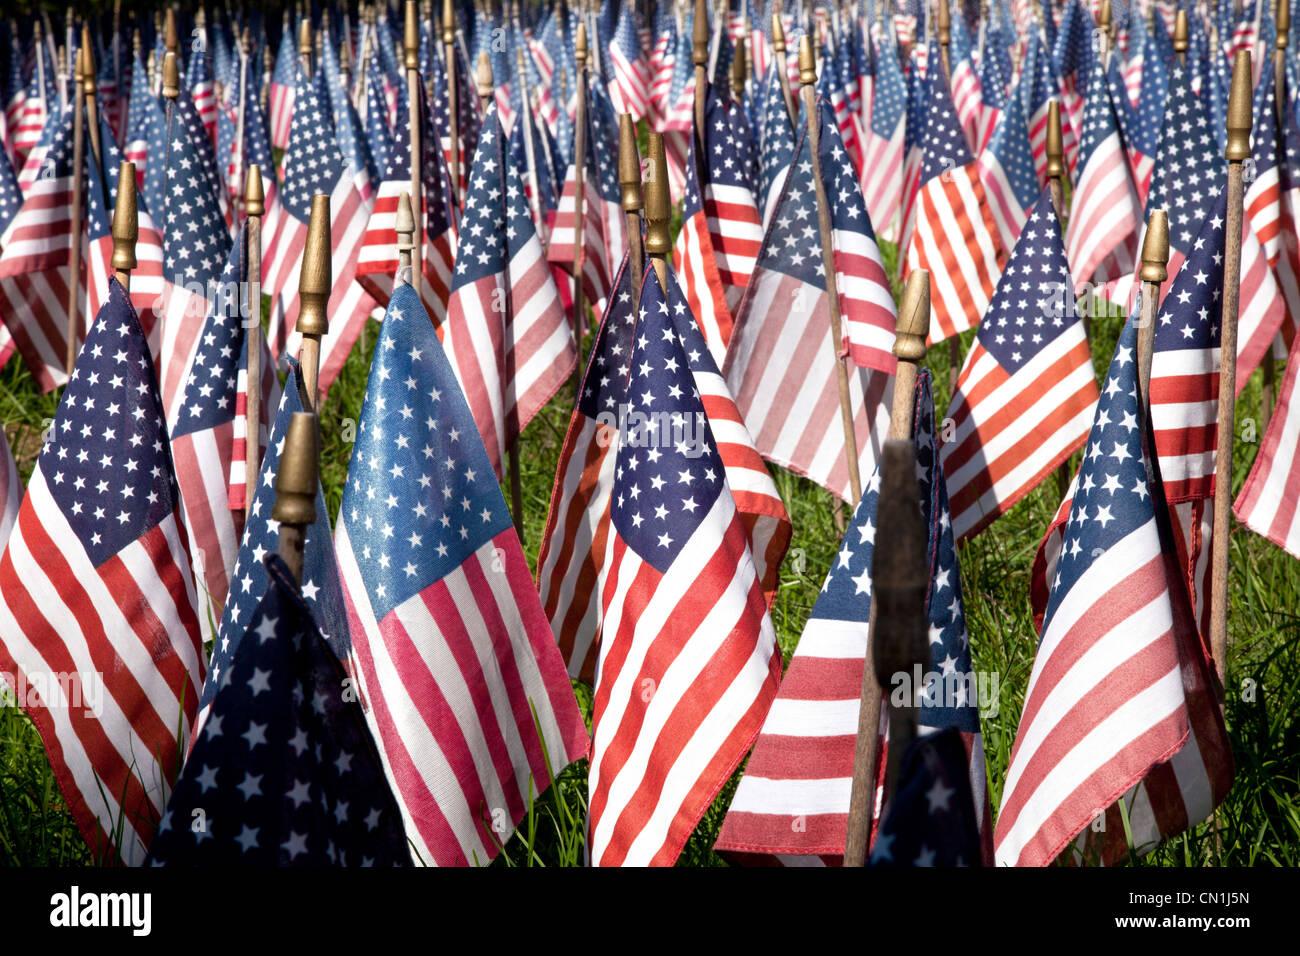 Campo de banderas americanas, Kent, Connecticut, EE.UU. Imagen De Stock